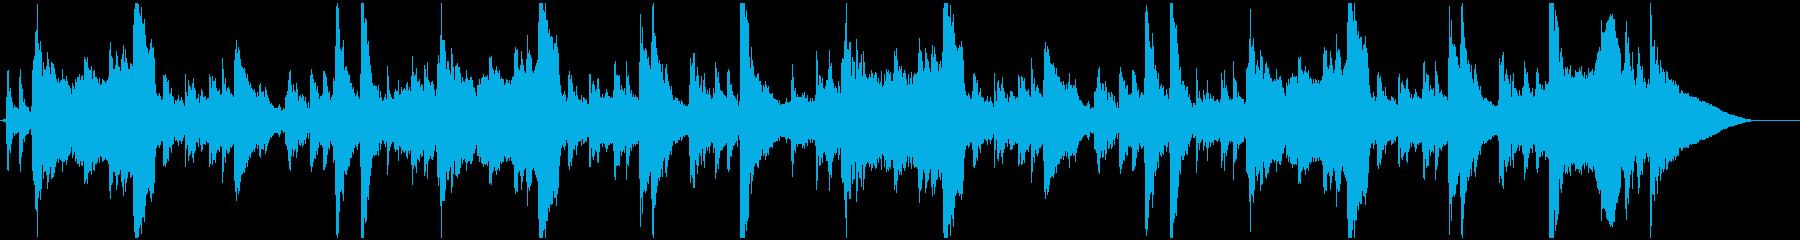 琴、尺八、三味線と祭囃子の和風曲 22秒の再生済みの波形